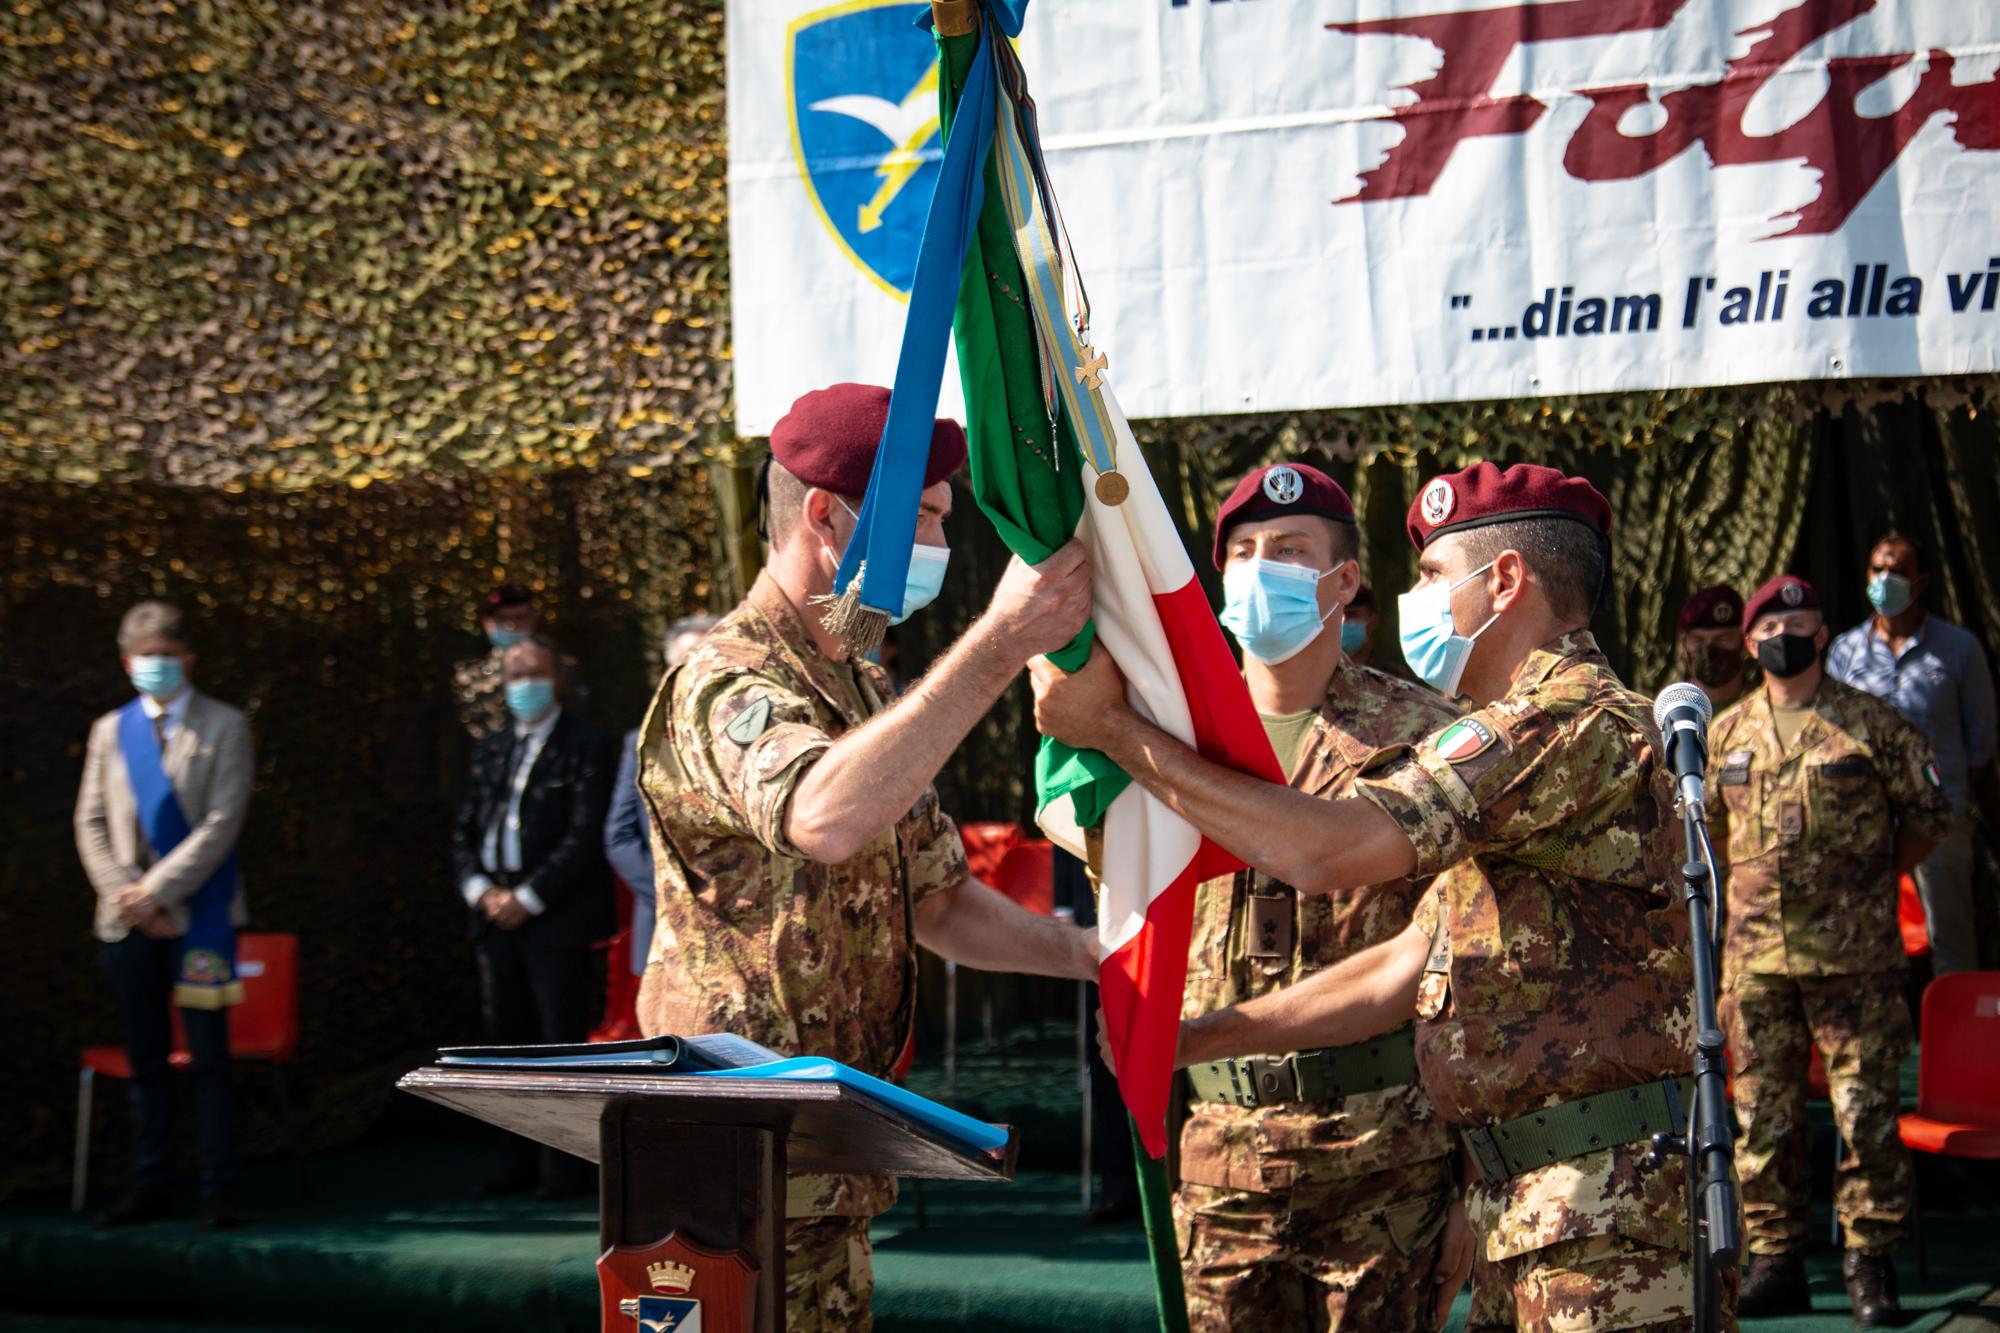 2 passaggio della Bandiera di Guerra tra il Comandante cedente ed il Comandante subentrante